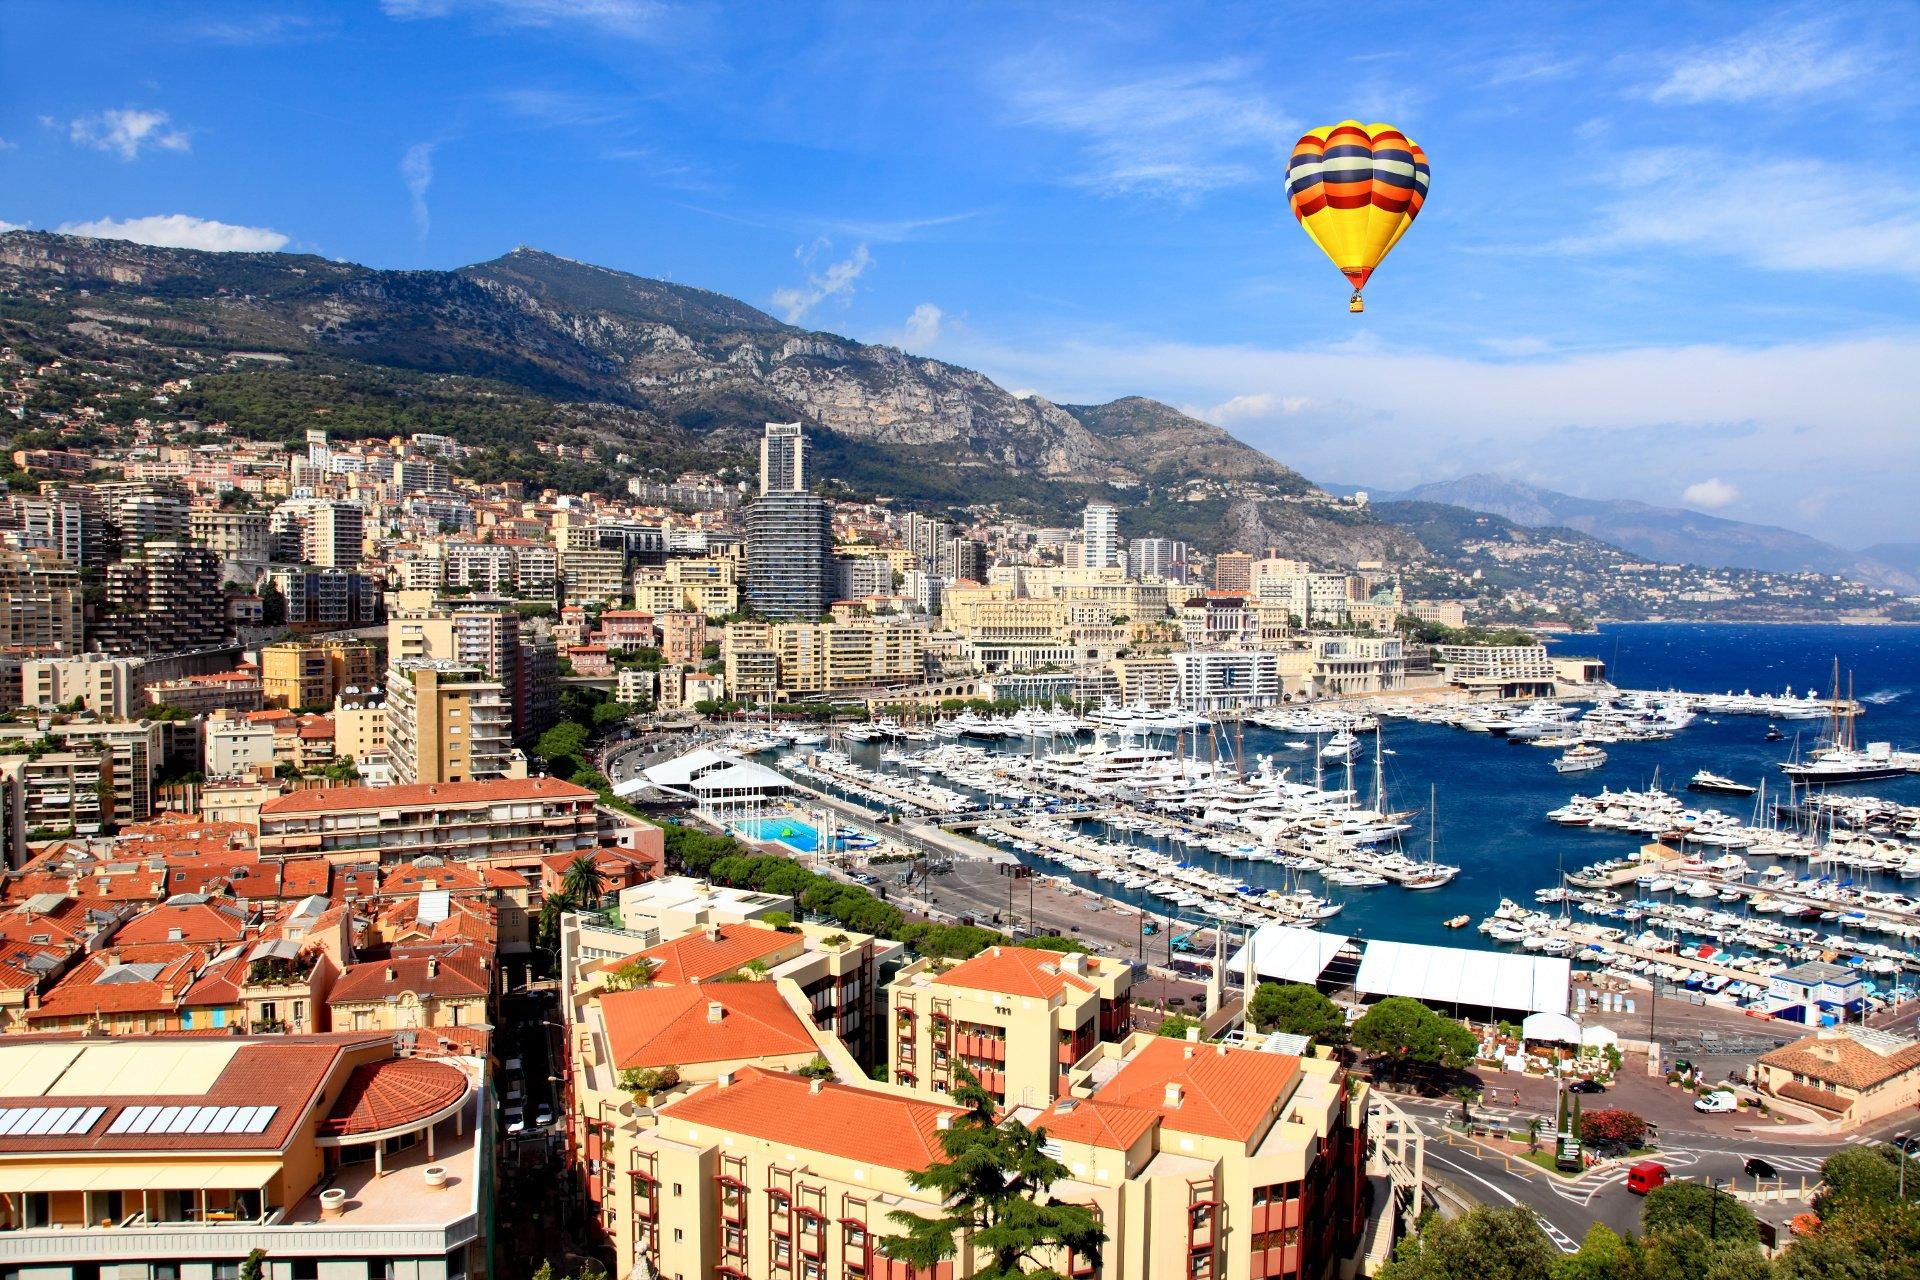 vue aerienne du port de Monaco